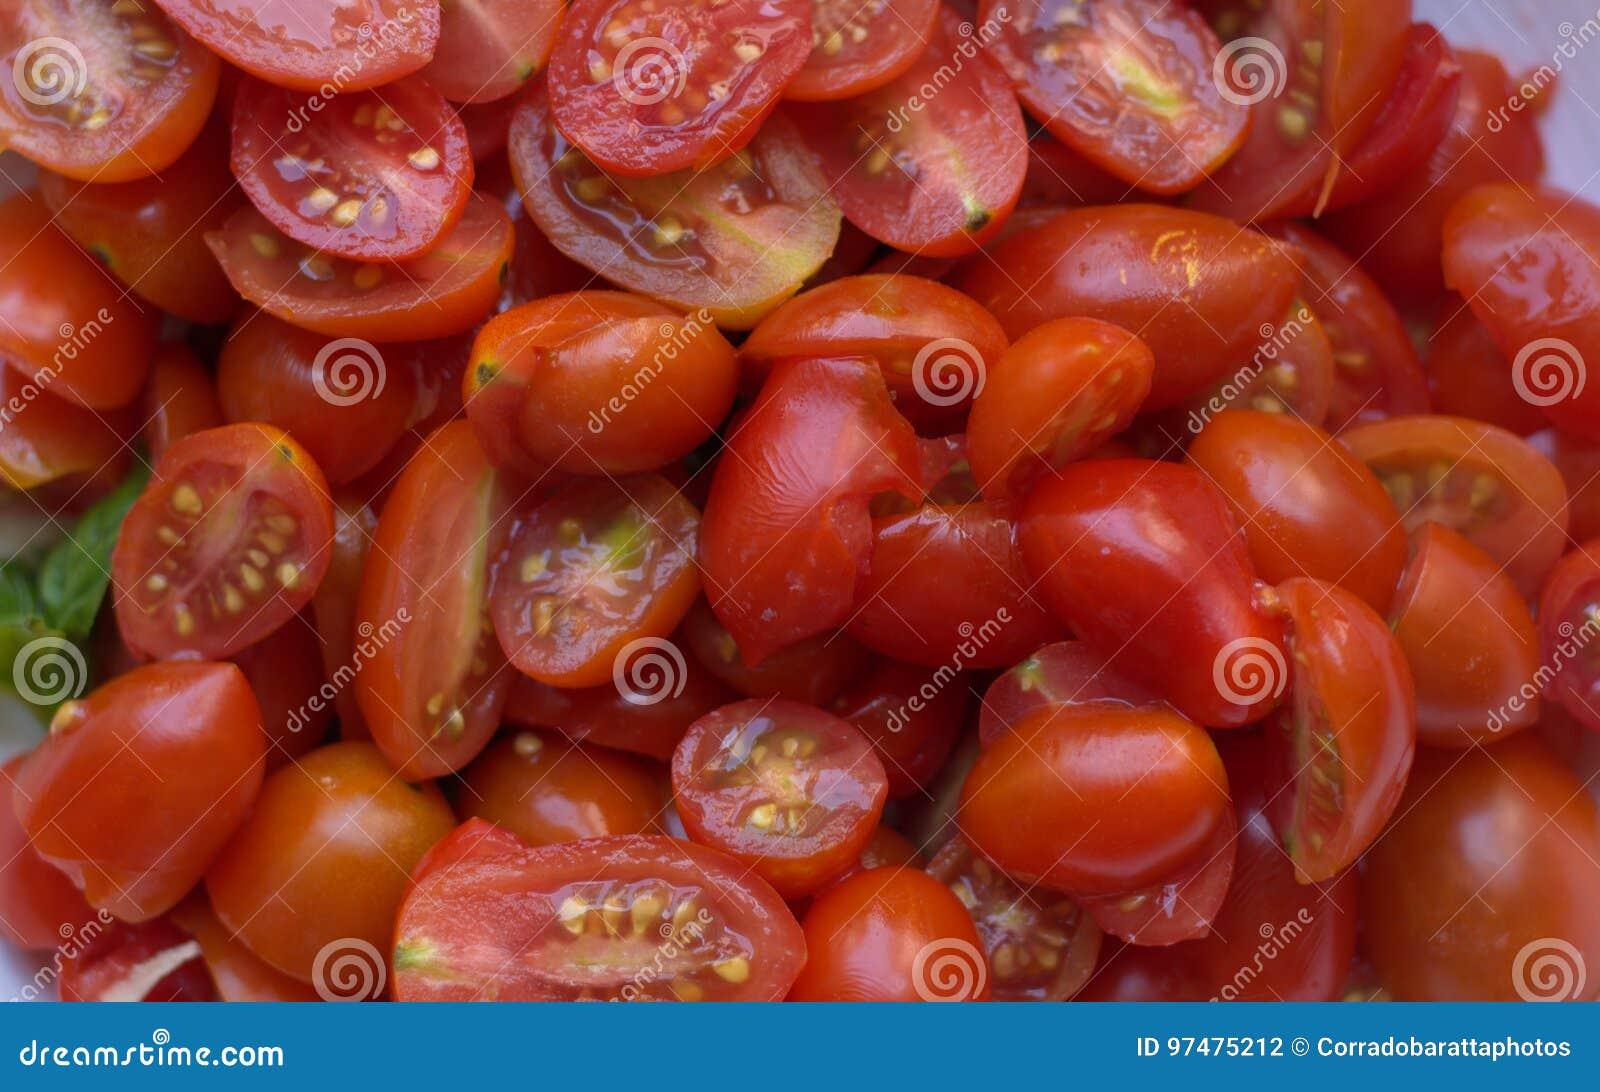 Piccoli pomodori pronti per la salsa italiana classica